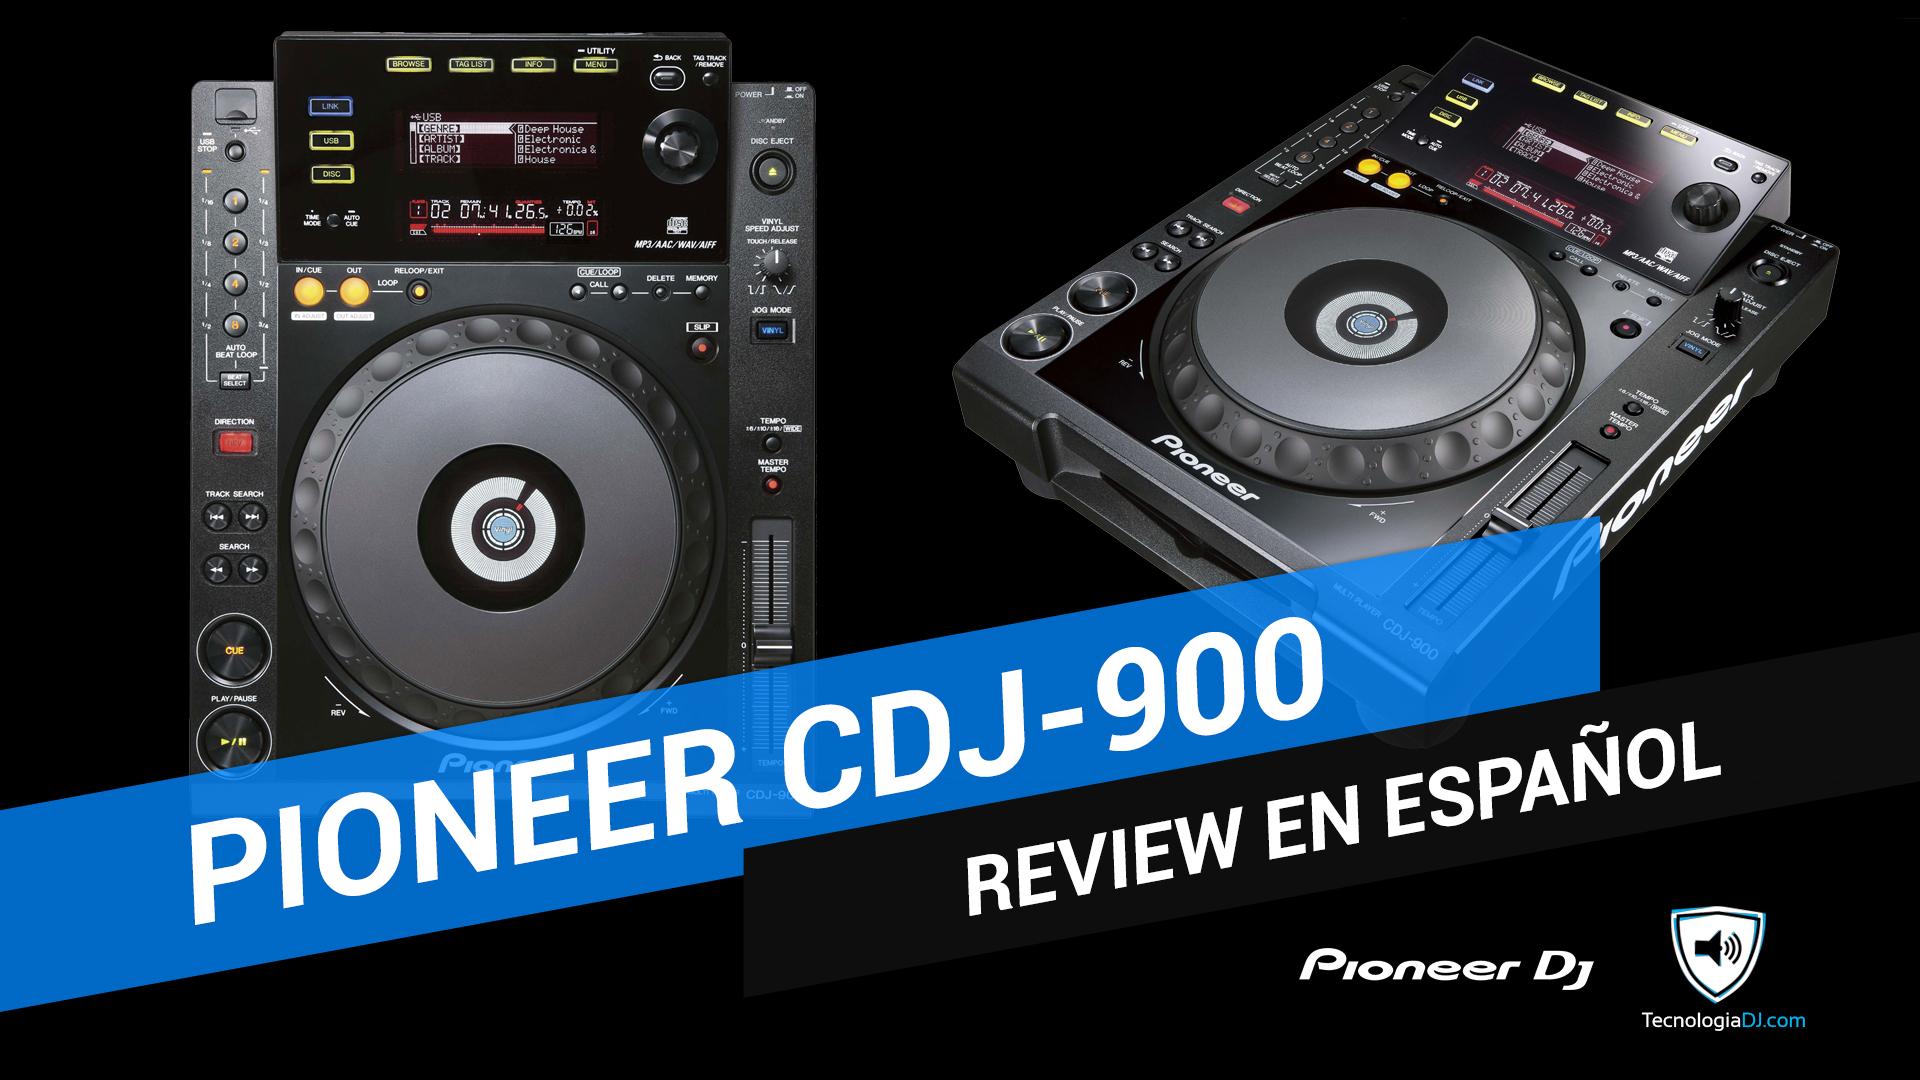 Review en español reproductor Pioneer CDJ-900